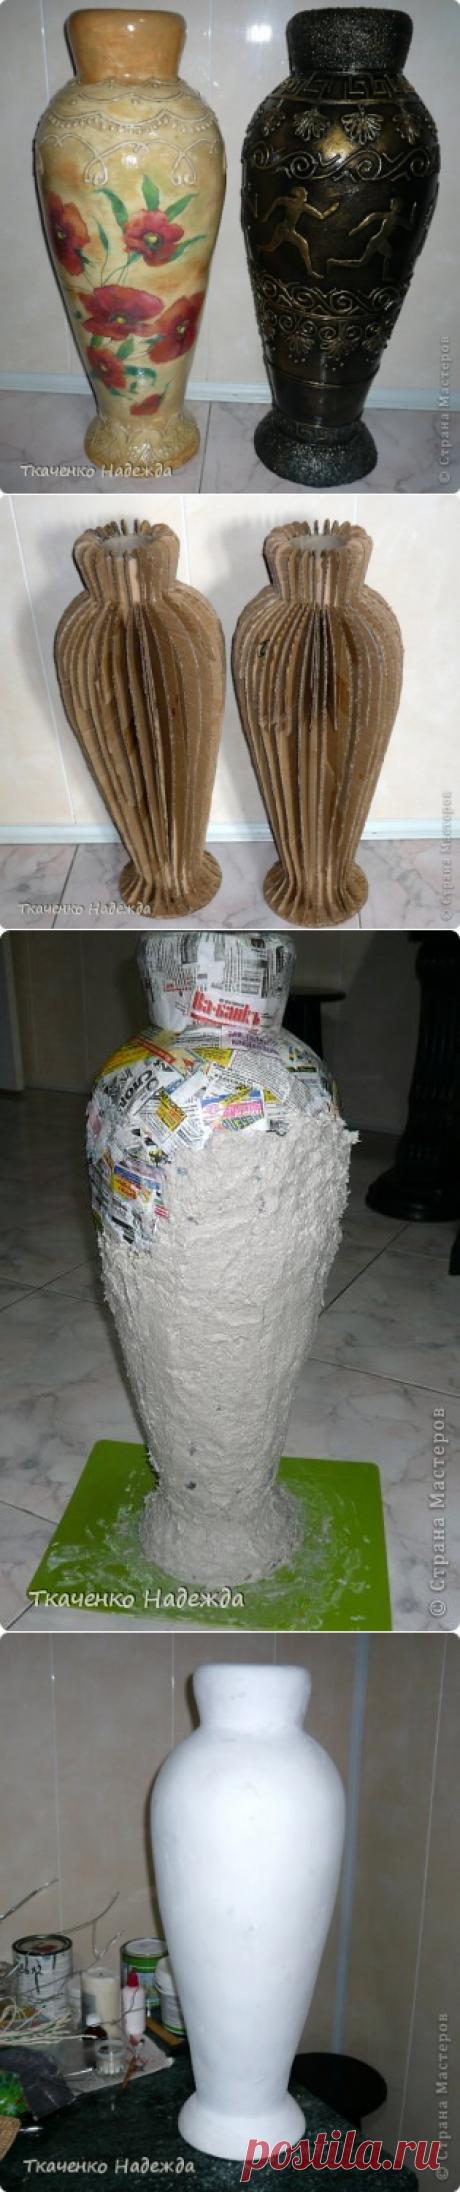 Напольные вазы из картона необычной красоты